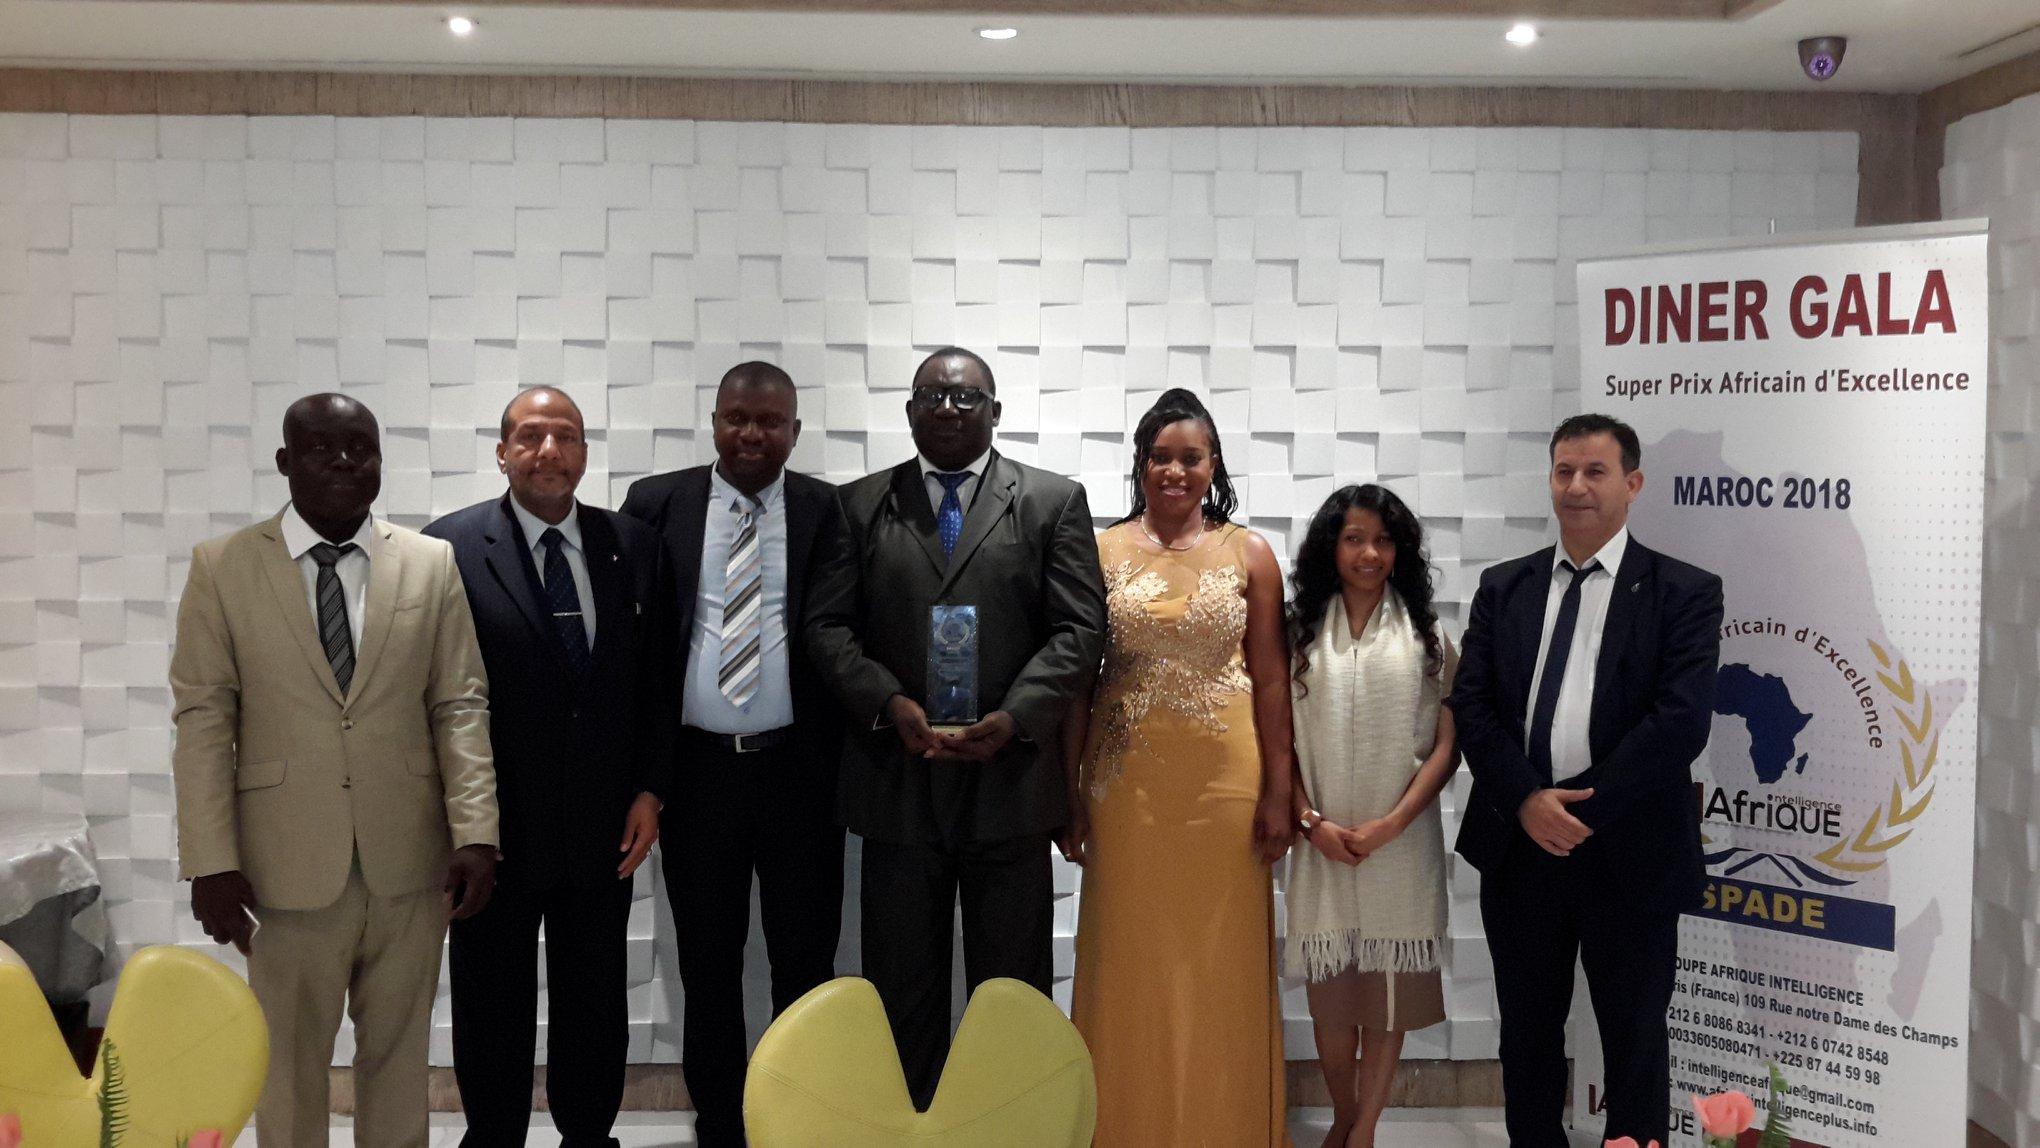 Remise de super prix africain de l'excellence DG de Welmous